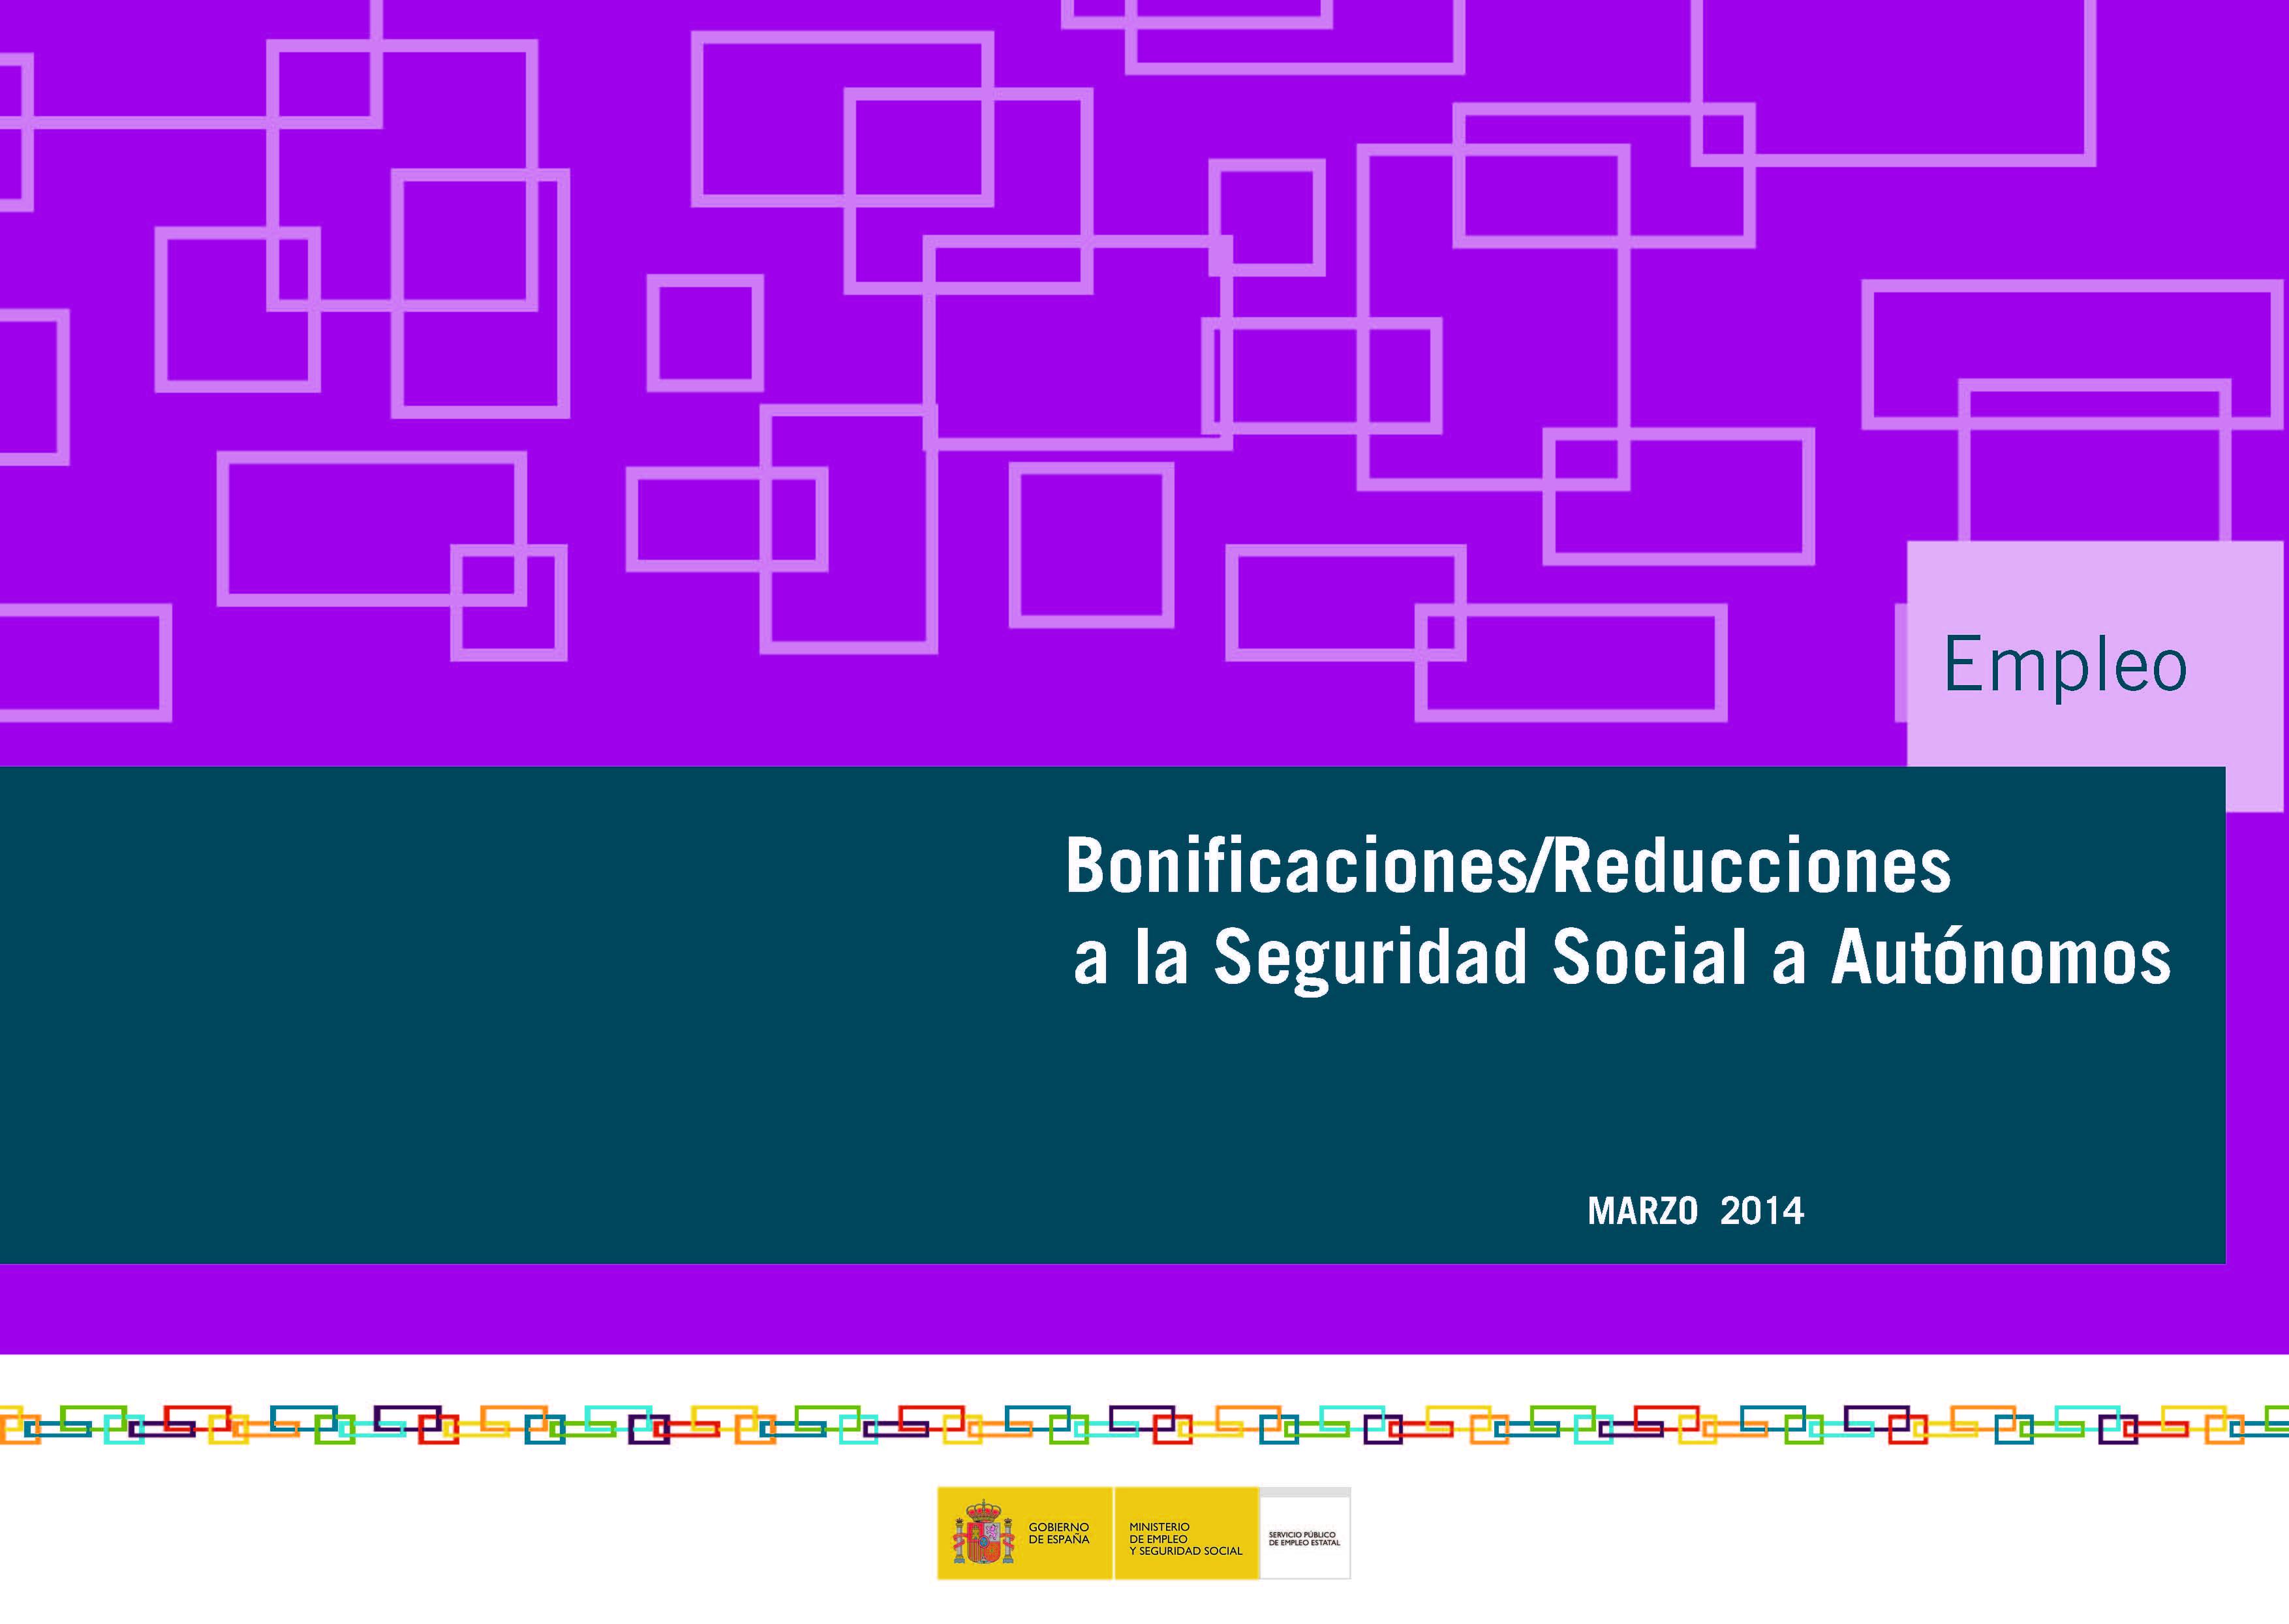 Bonificaciones y Reducciones a la Seguridad Social para Autónomos